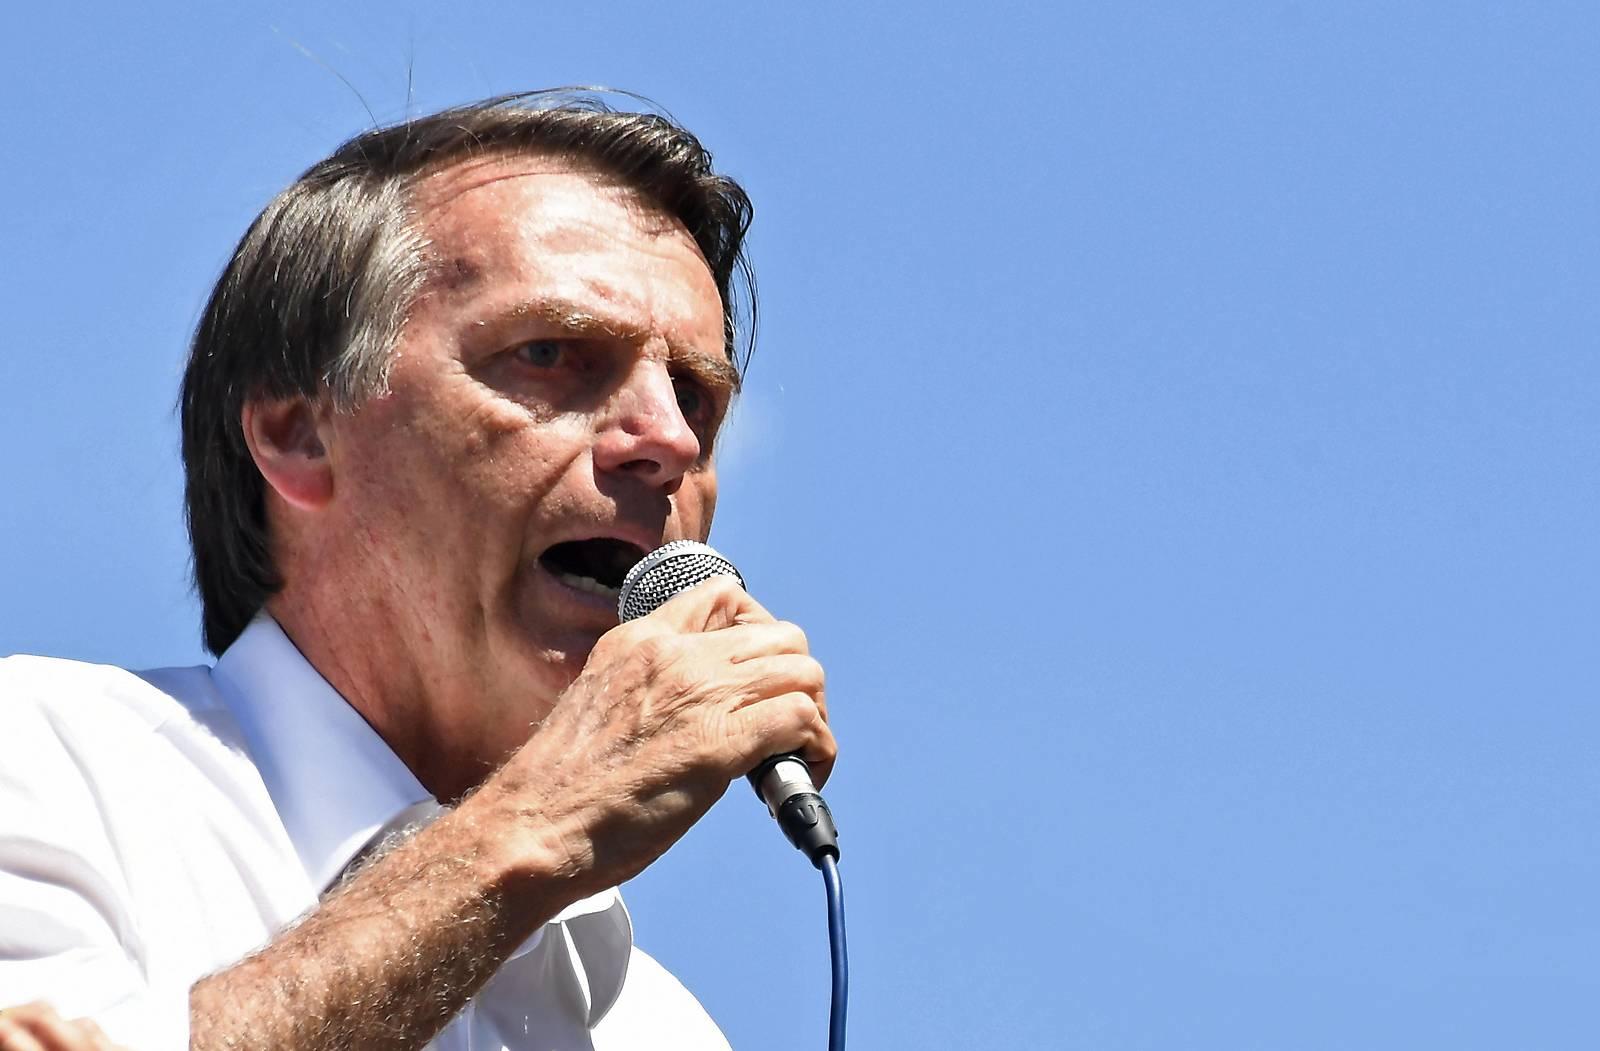 Brasilianischer Präsidentschaftskandidat attackiert